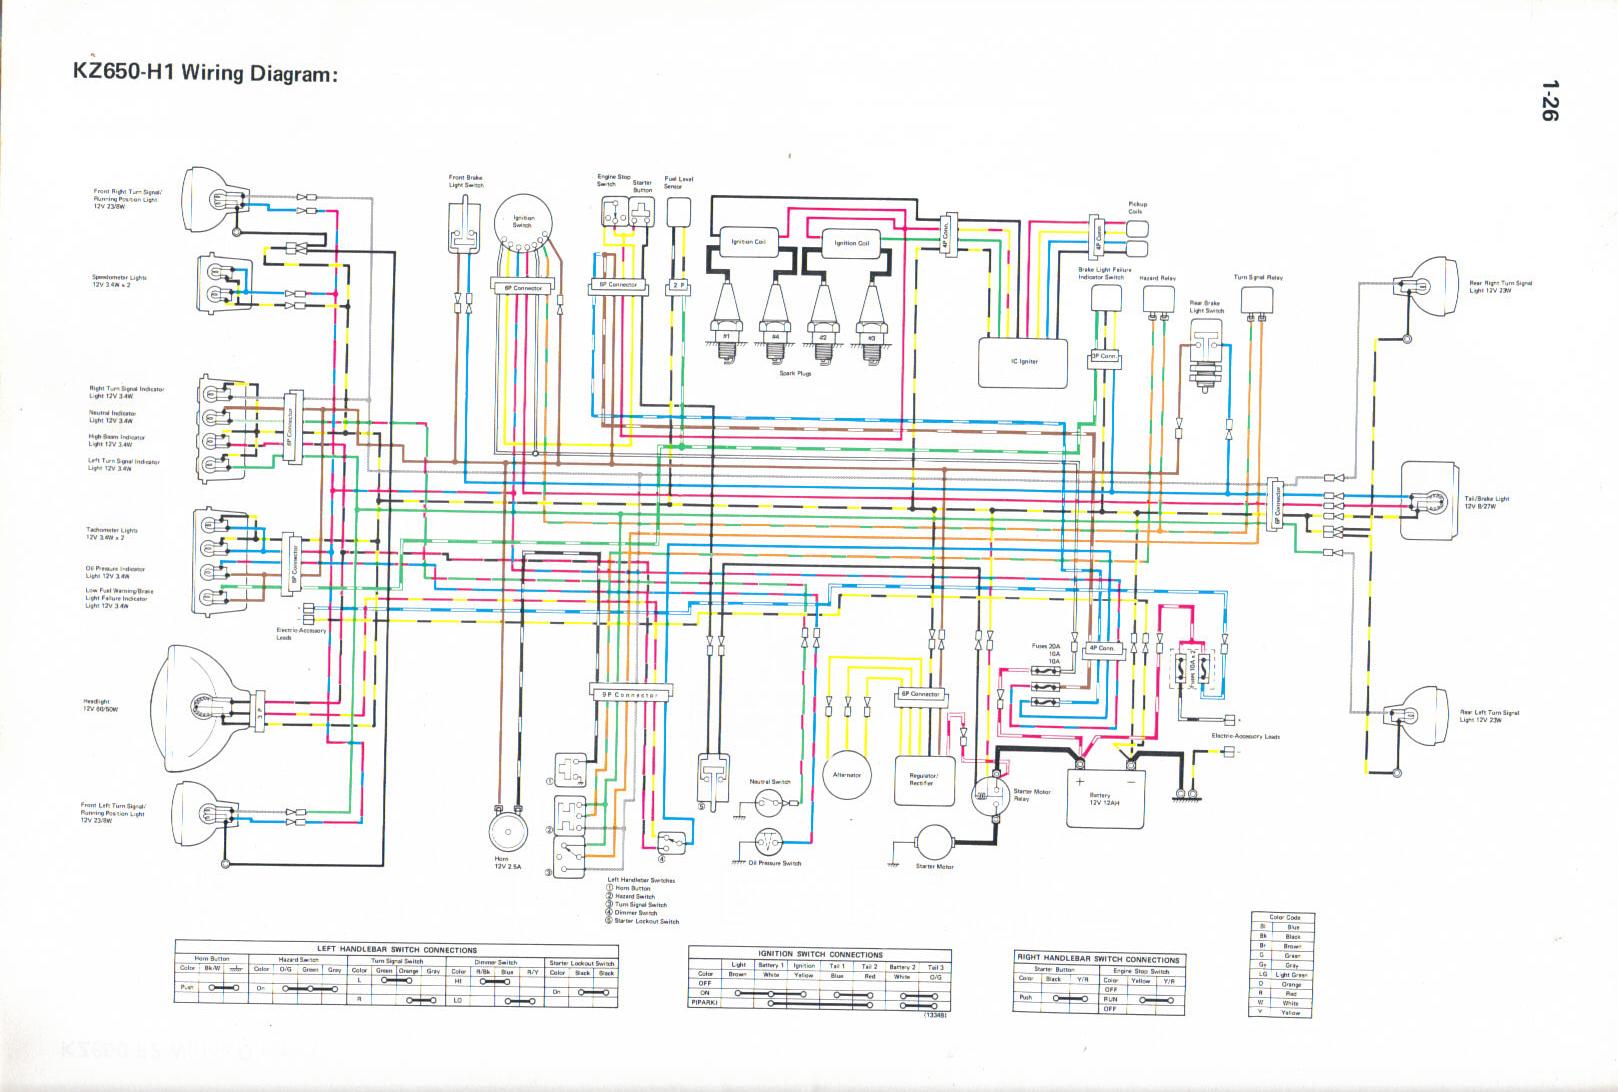 chinese motorcycle wiring diagram bh 0842  kawasaki z1000 wiring diagram on motorcycle wiring  bh 0842  kawasaki z1000 wiring diagram